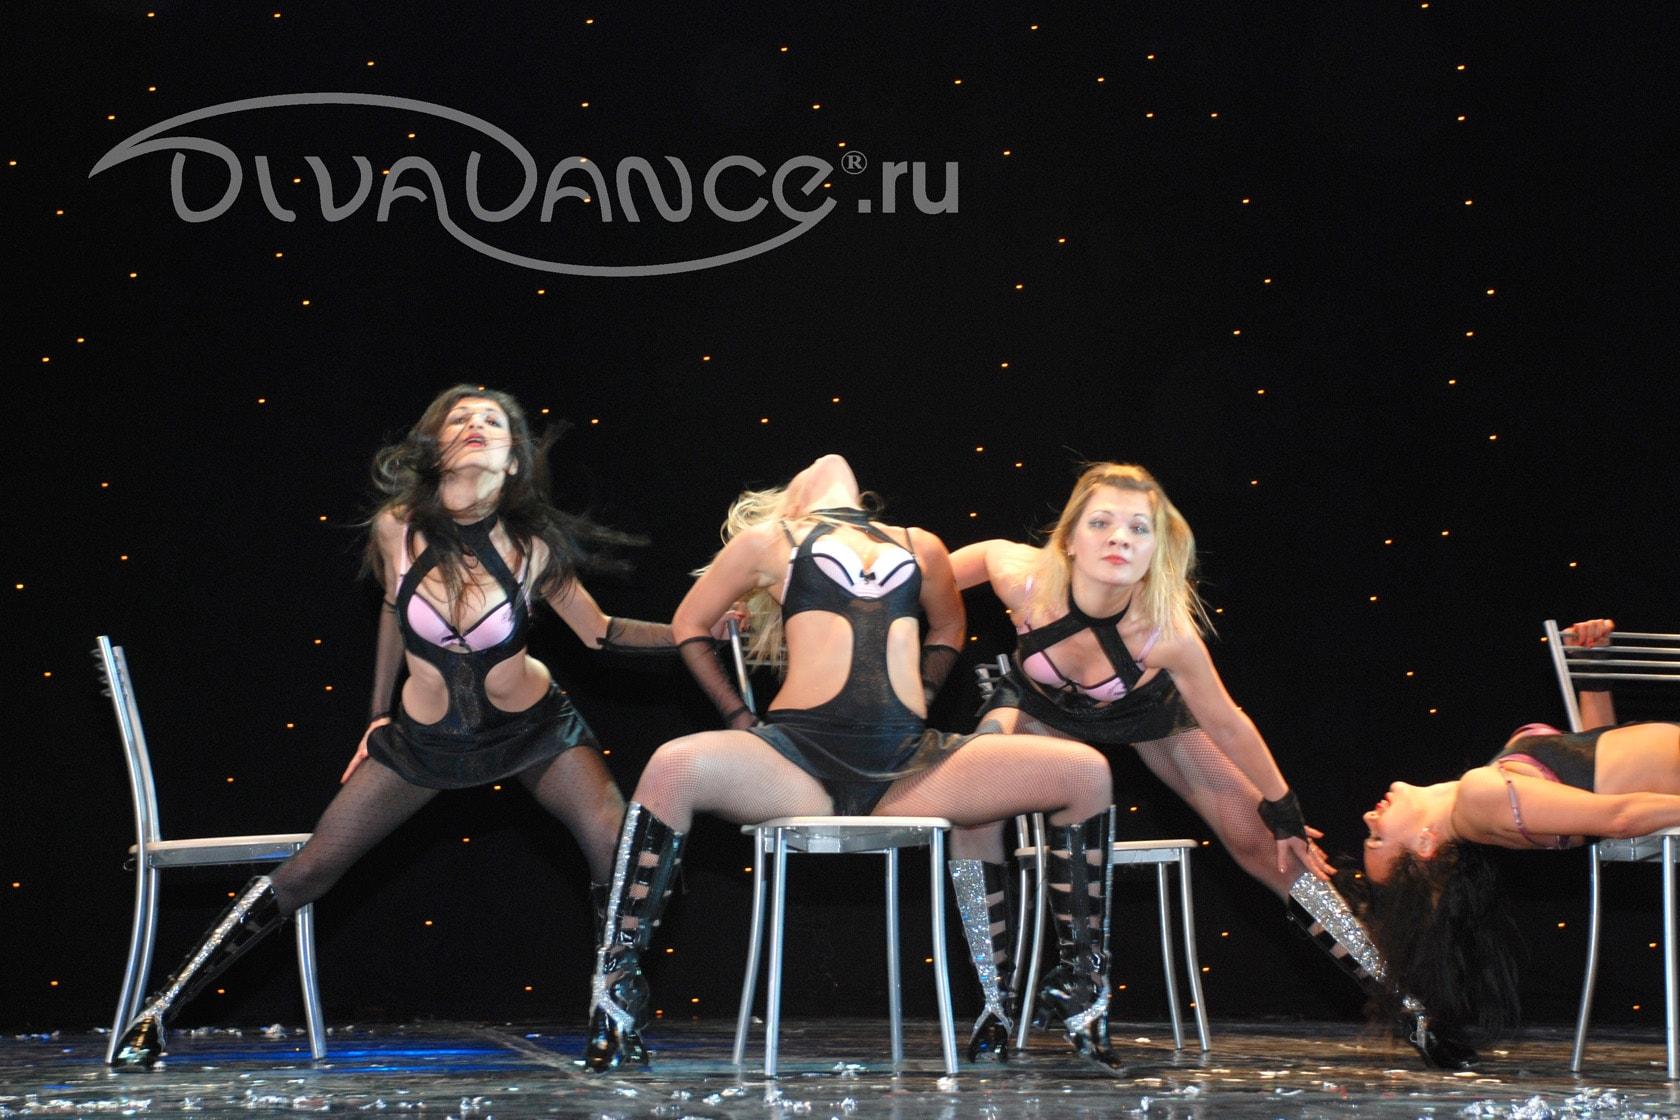 Эротический танец на стуле 21 фотография